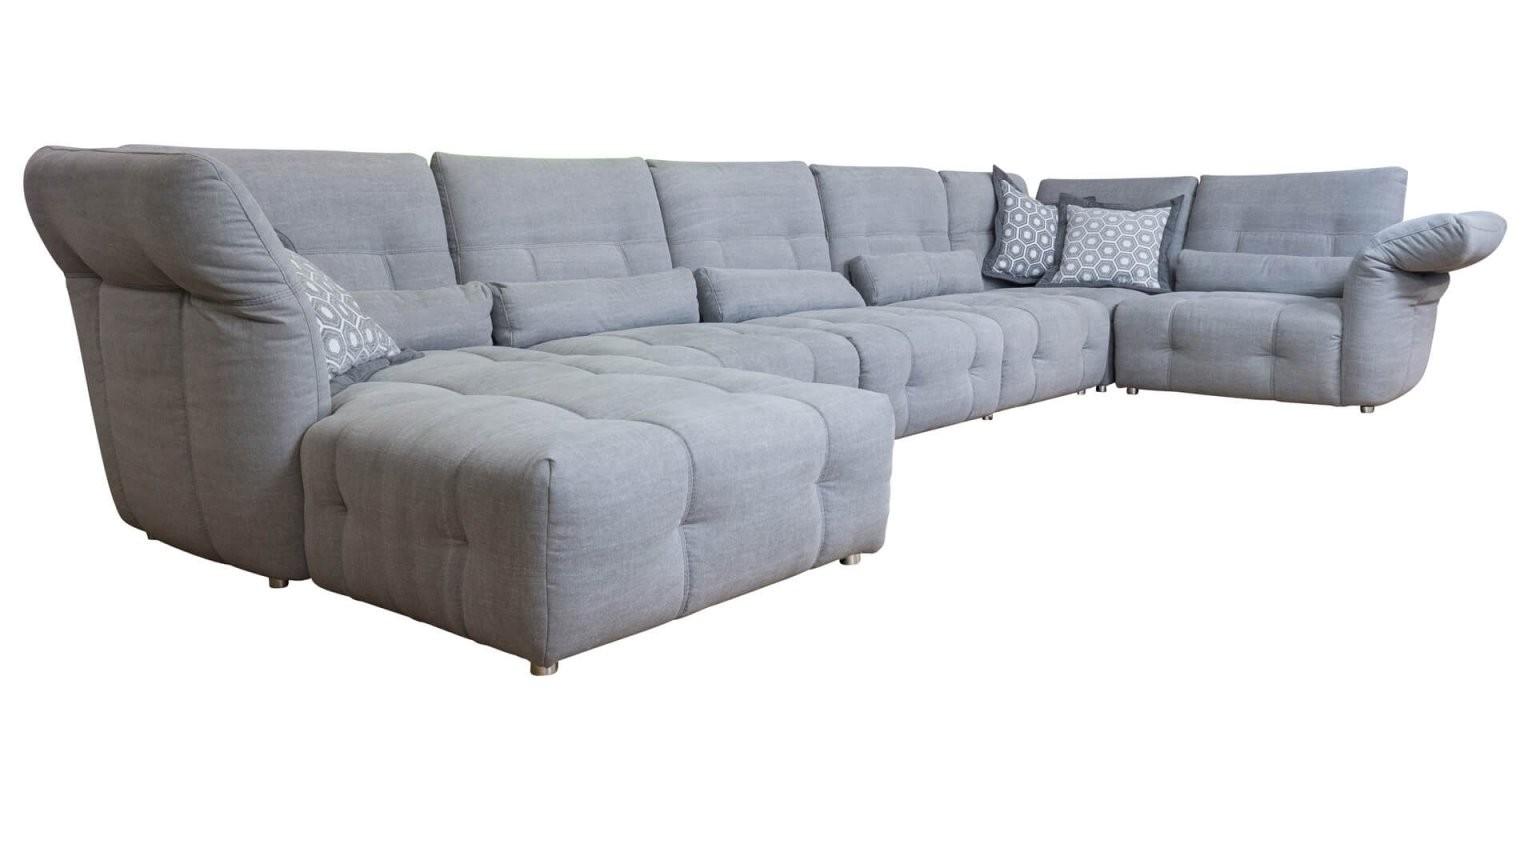 Sofas Günstig Bei Hamburg Im Sofadepot von Couch Mit Bettfunktion Günstig Bild